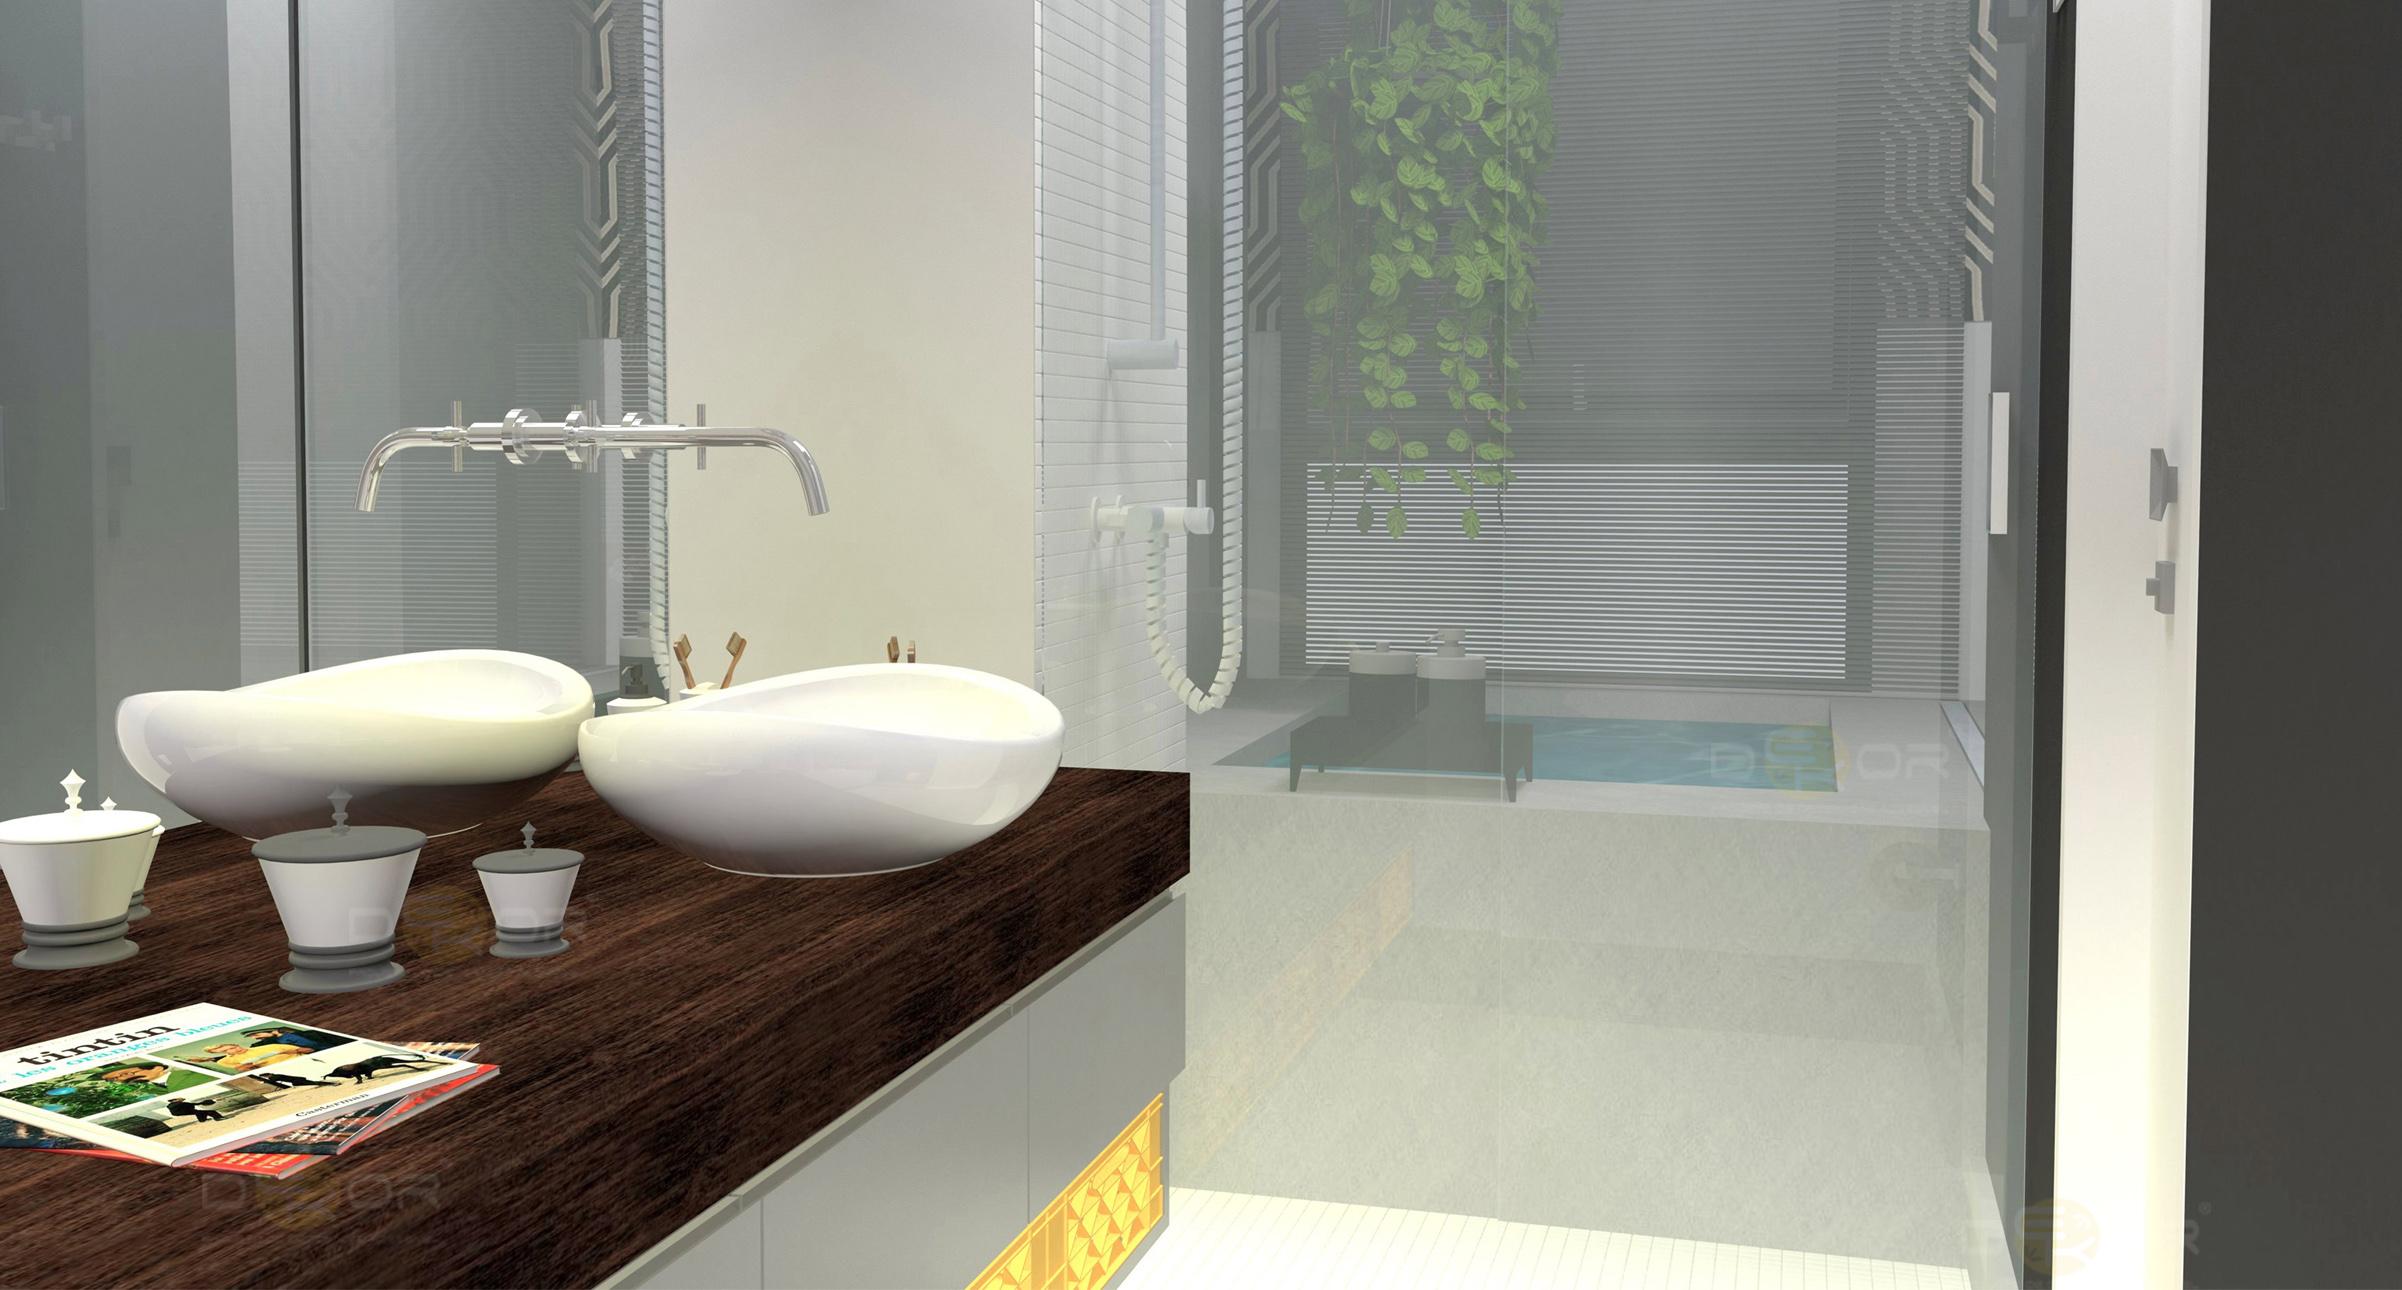 06/03/2014 2402 × 1290 Projeto de Banheiro – Decoração Online #26 #5D4333 2402 1290